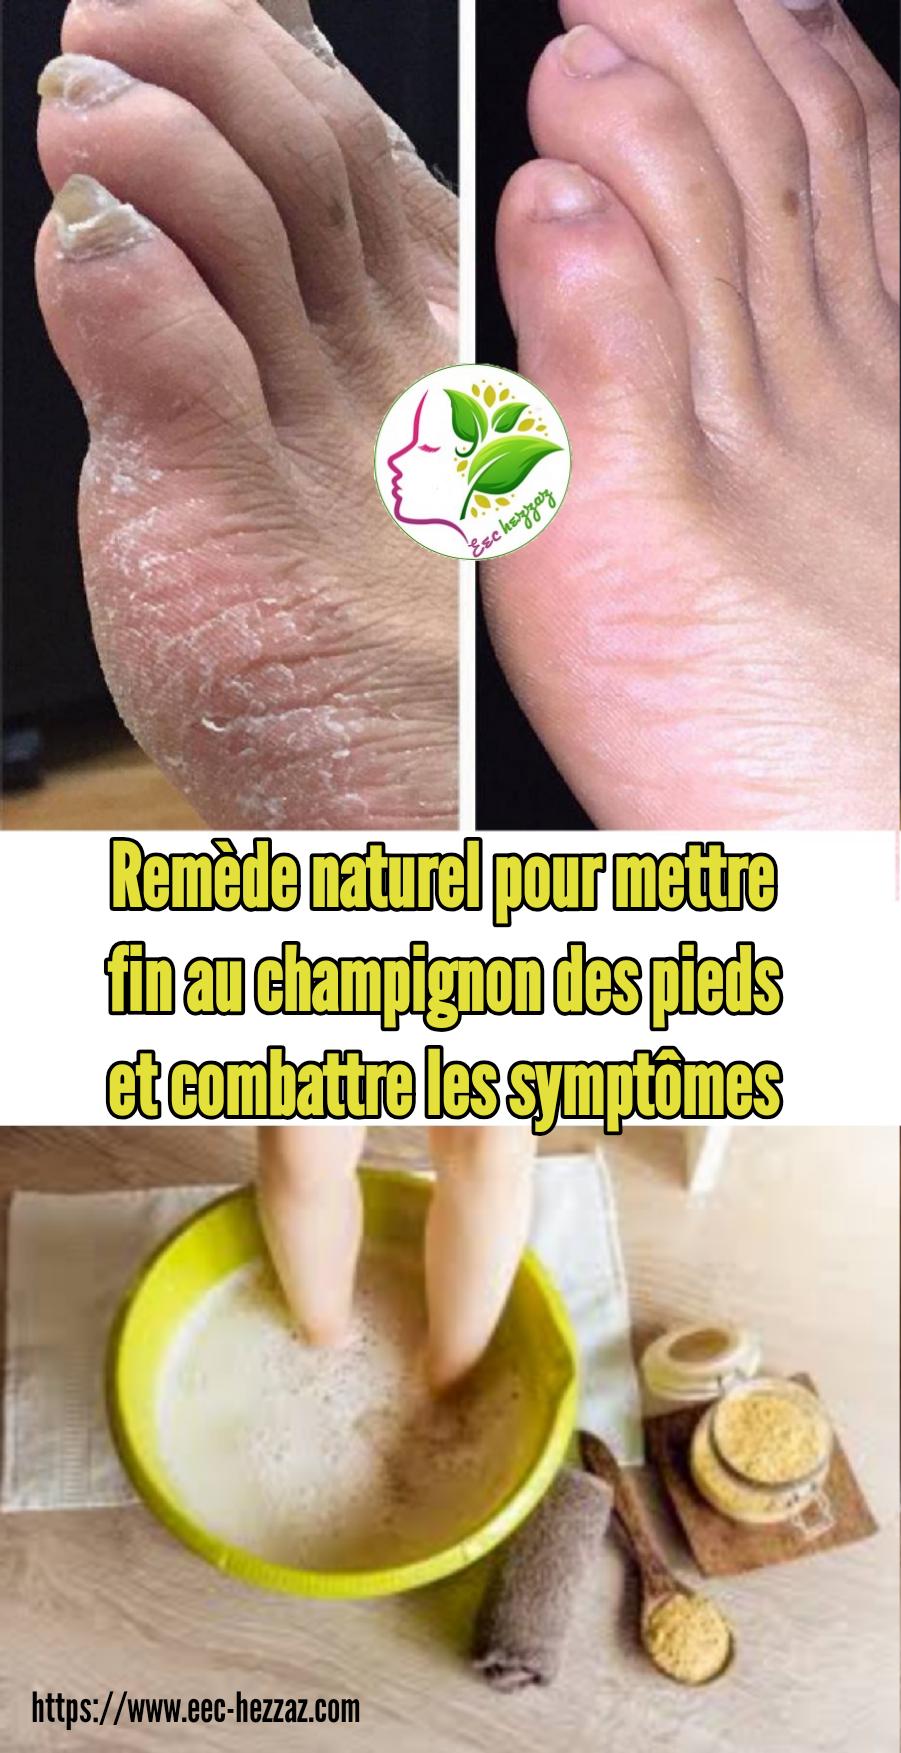 Remède naturel pour mettre fin au champignon des pieds et combattre les symptômes